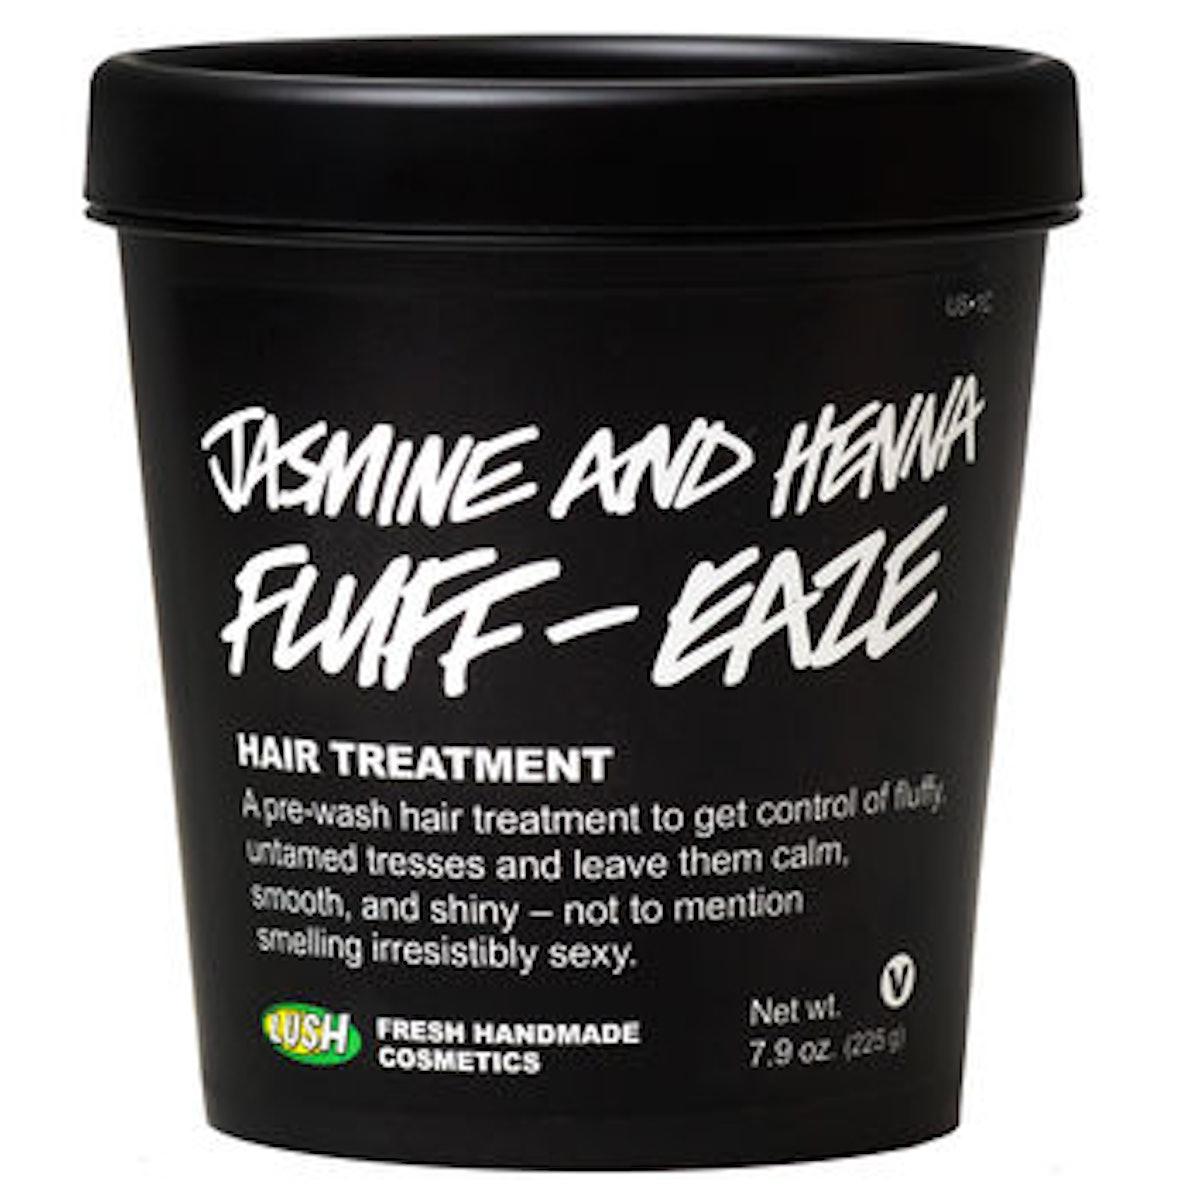 Jasmine And Henna Fluff-Eaze